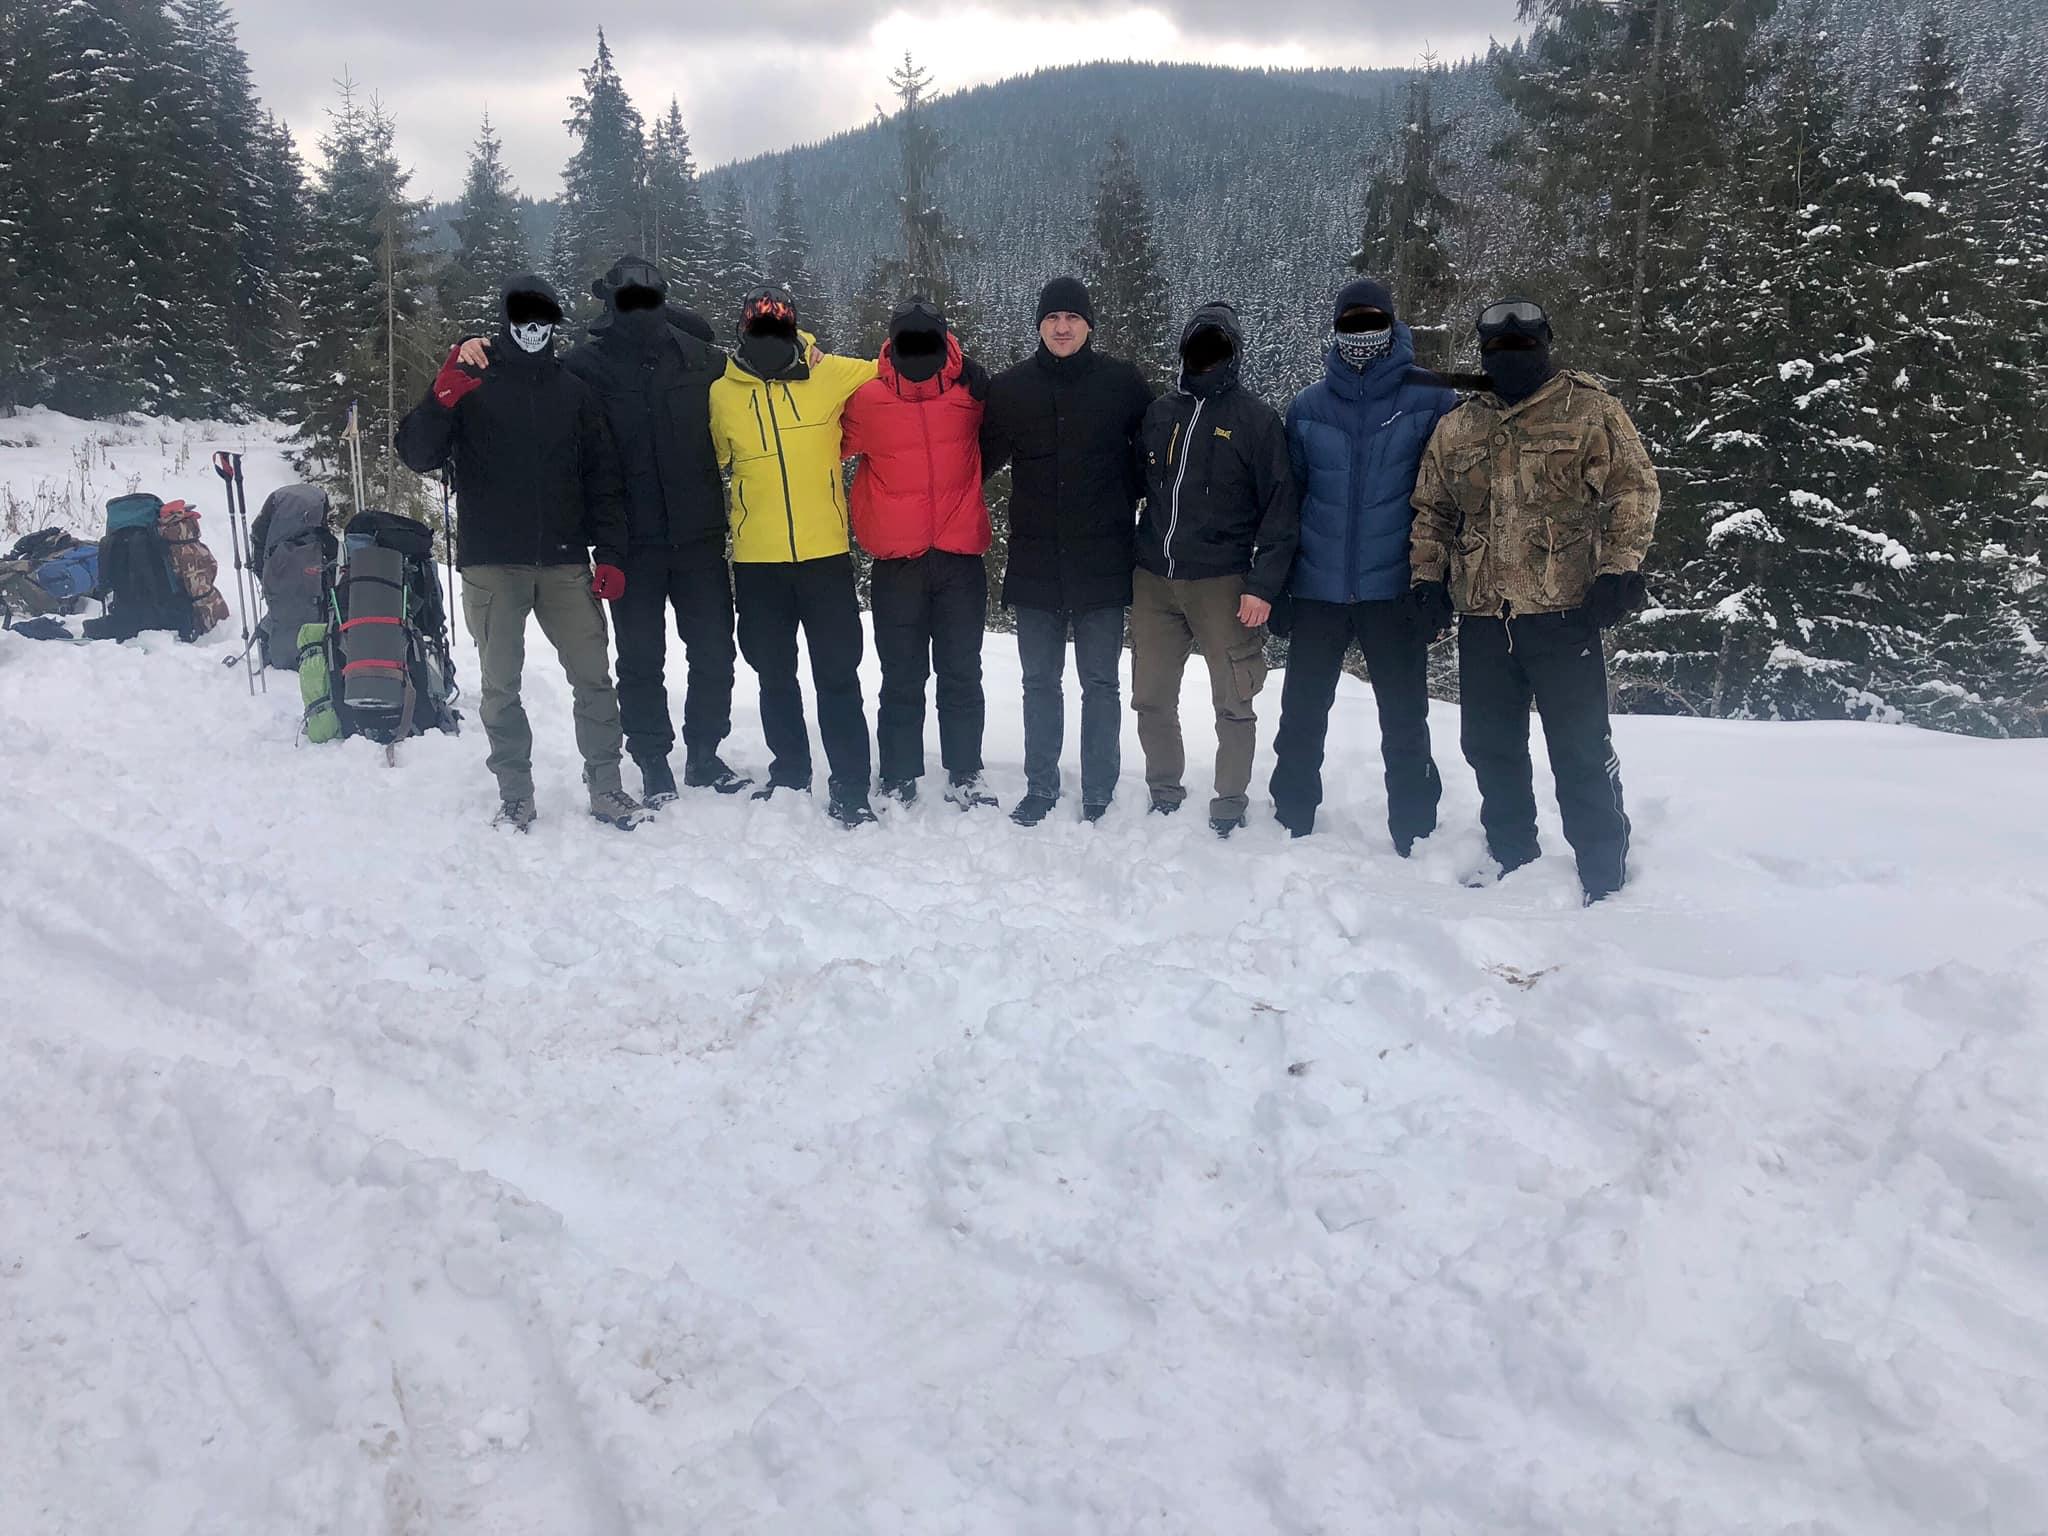 Київські спецпризначенці допоможуть шукати туриста, який зник у Карпатах шість днів тому (ФОТО)